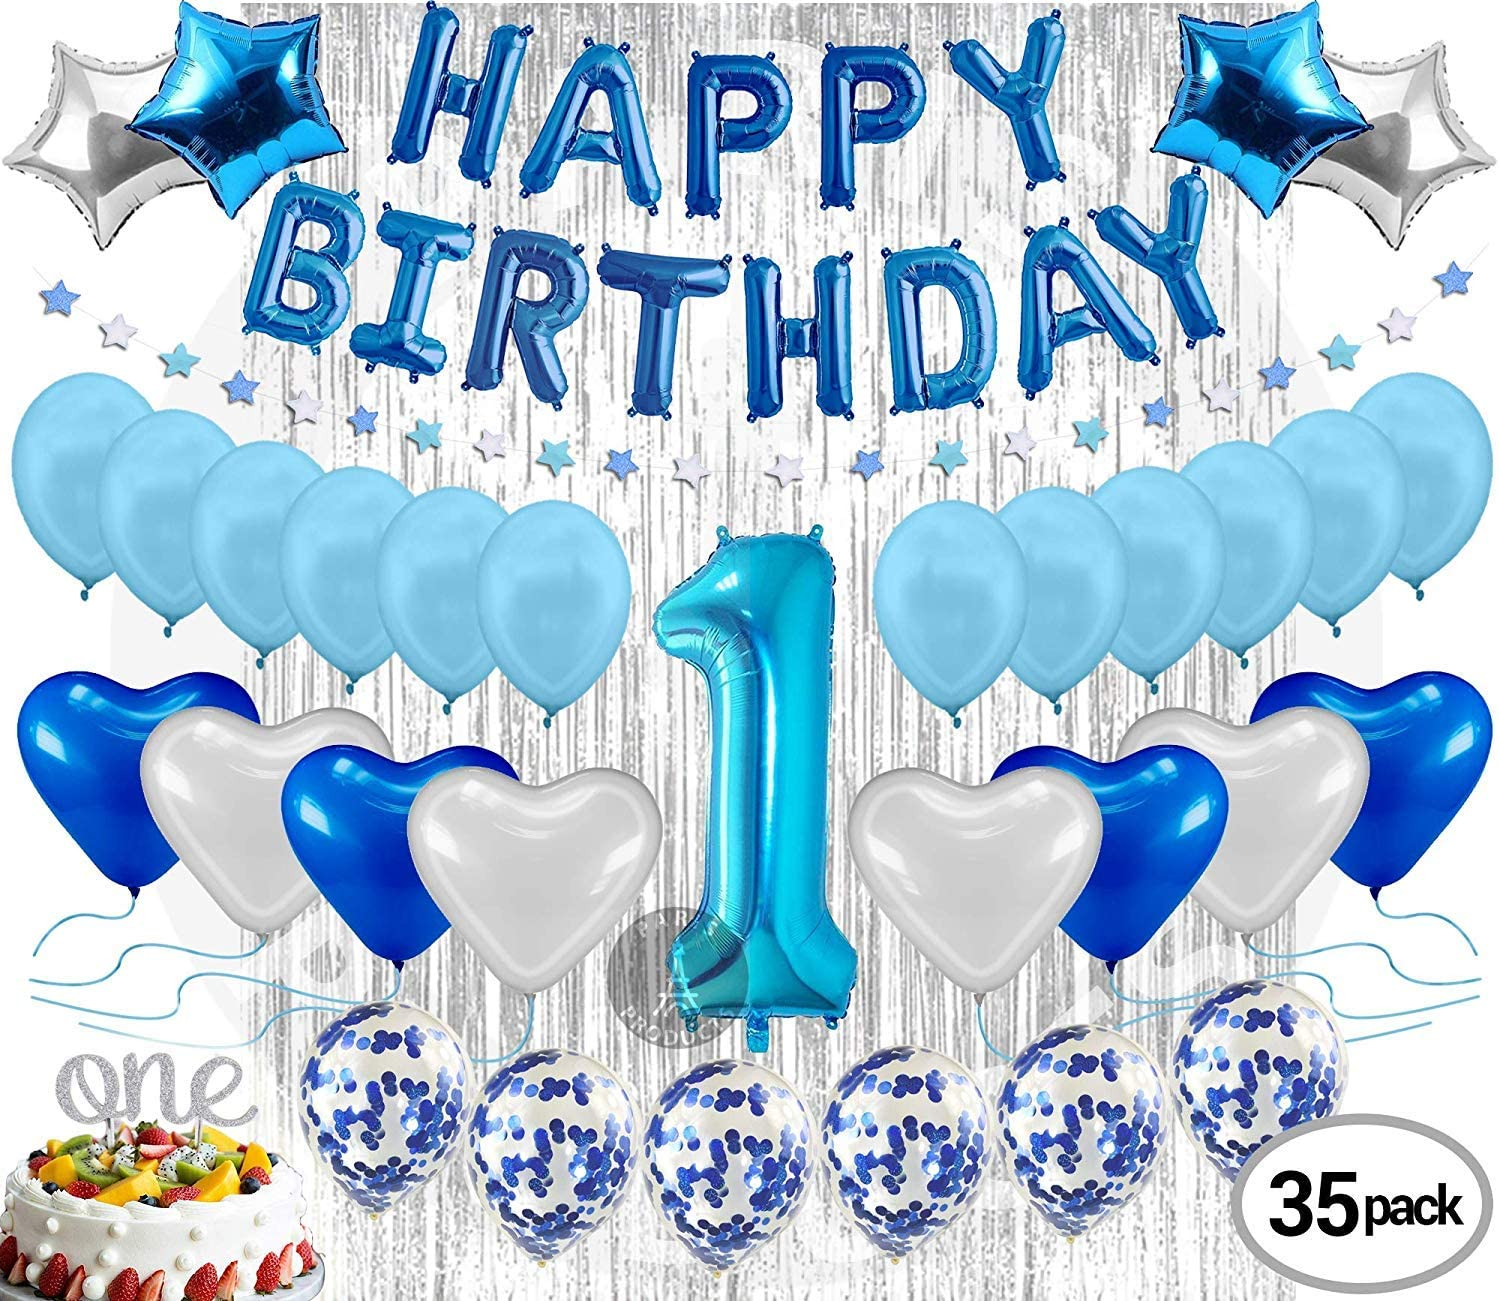 Blue Cake Smash Kit  First Birthday  Cake Smash Prop  Blue Cake Smash Kit  One Today  Blue and Gold Decor